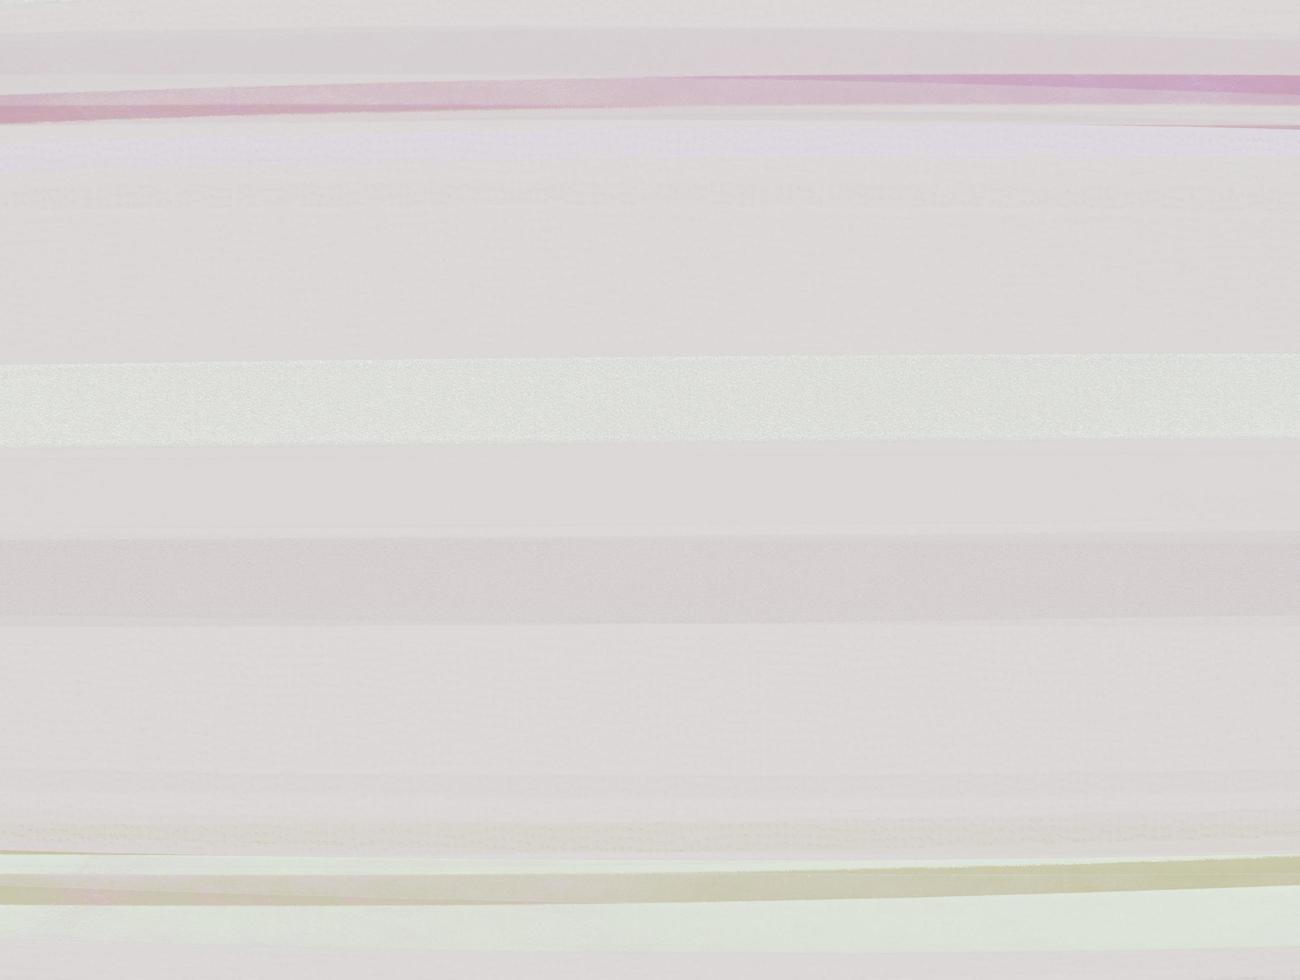 linee astratte su una parete foto